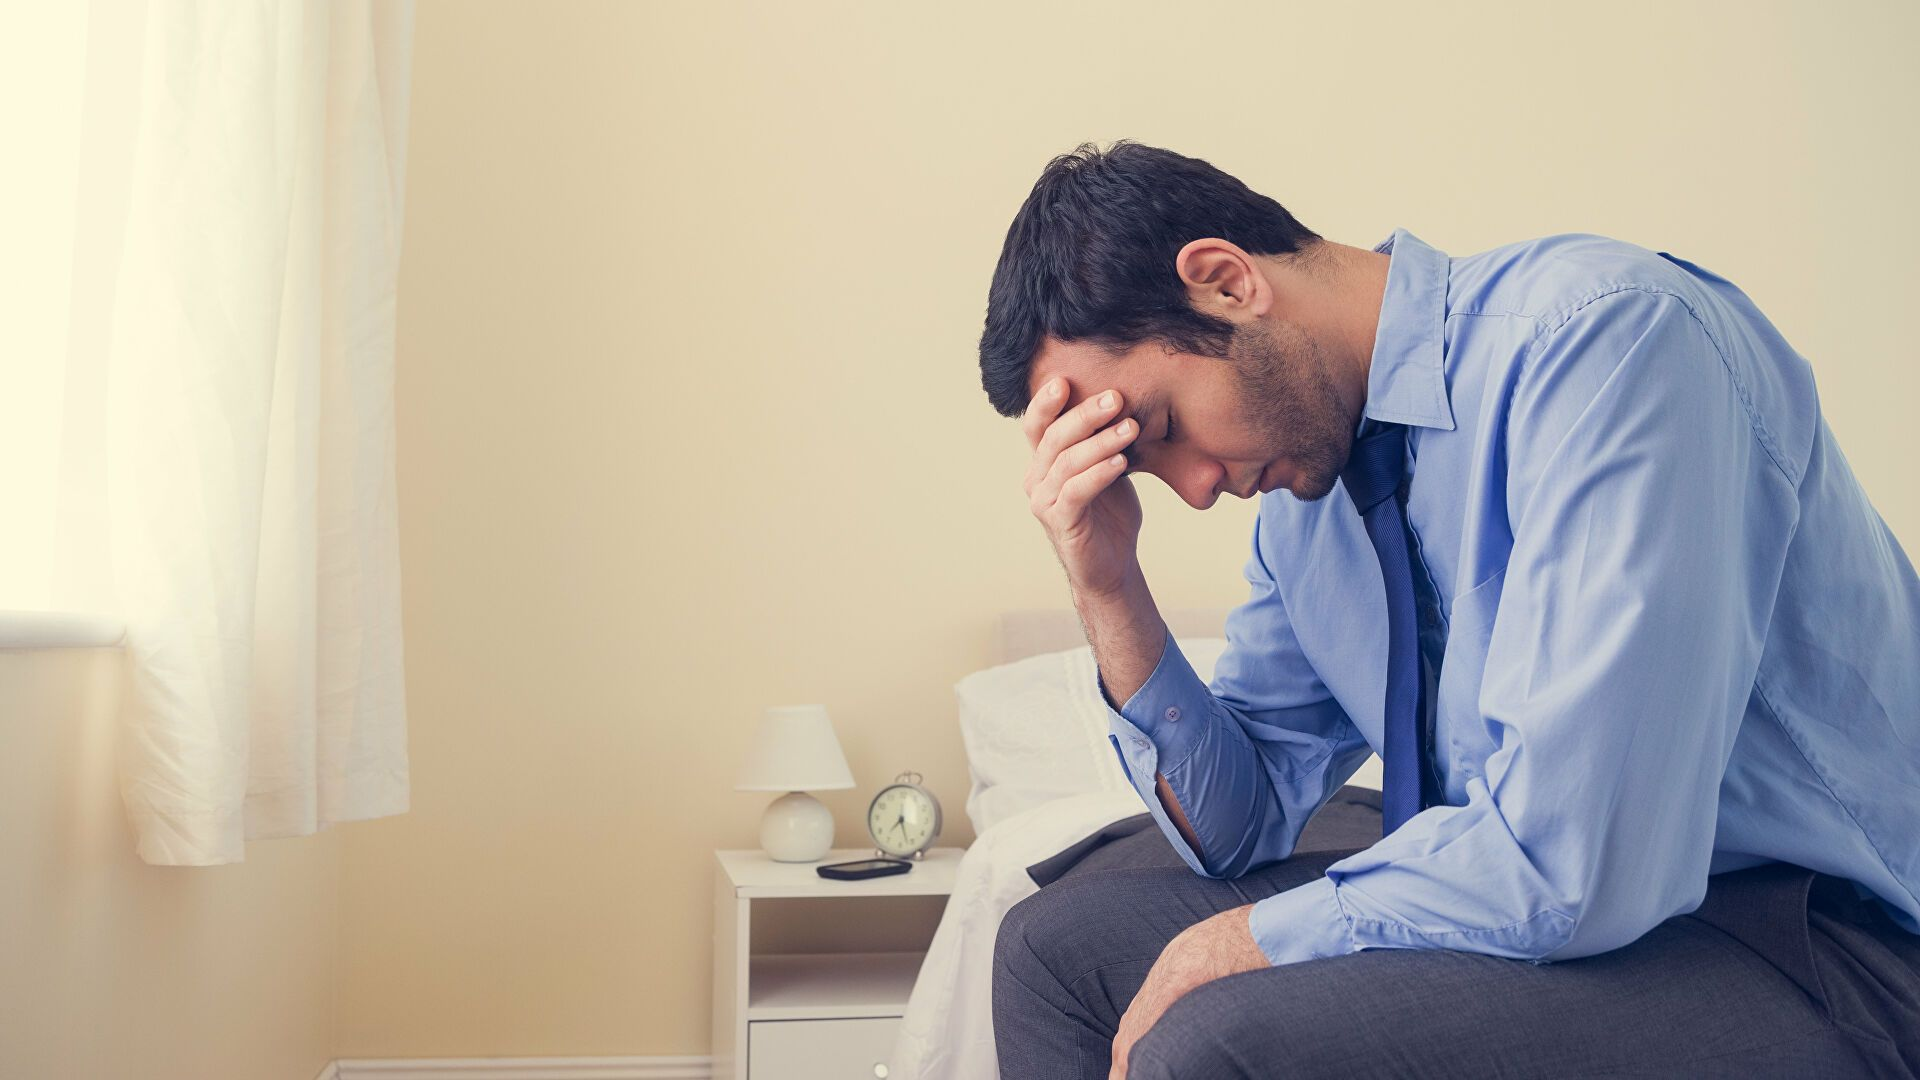 Tənha və boşanmış kişilərin xərçəng olma riski -  Yüksəlir